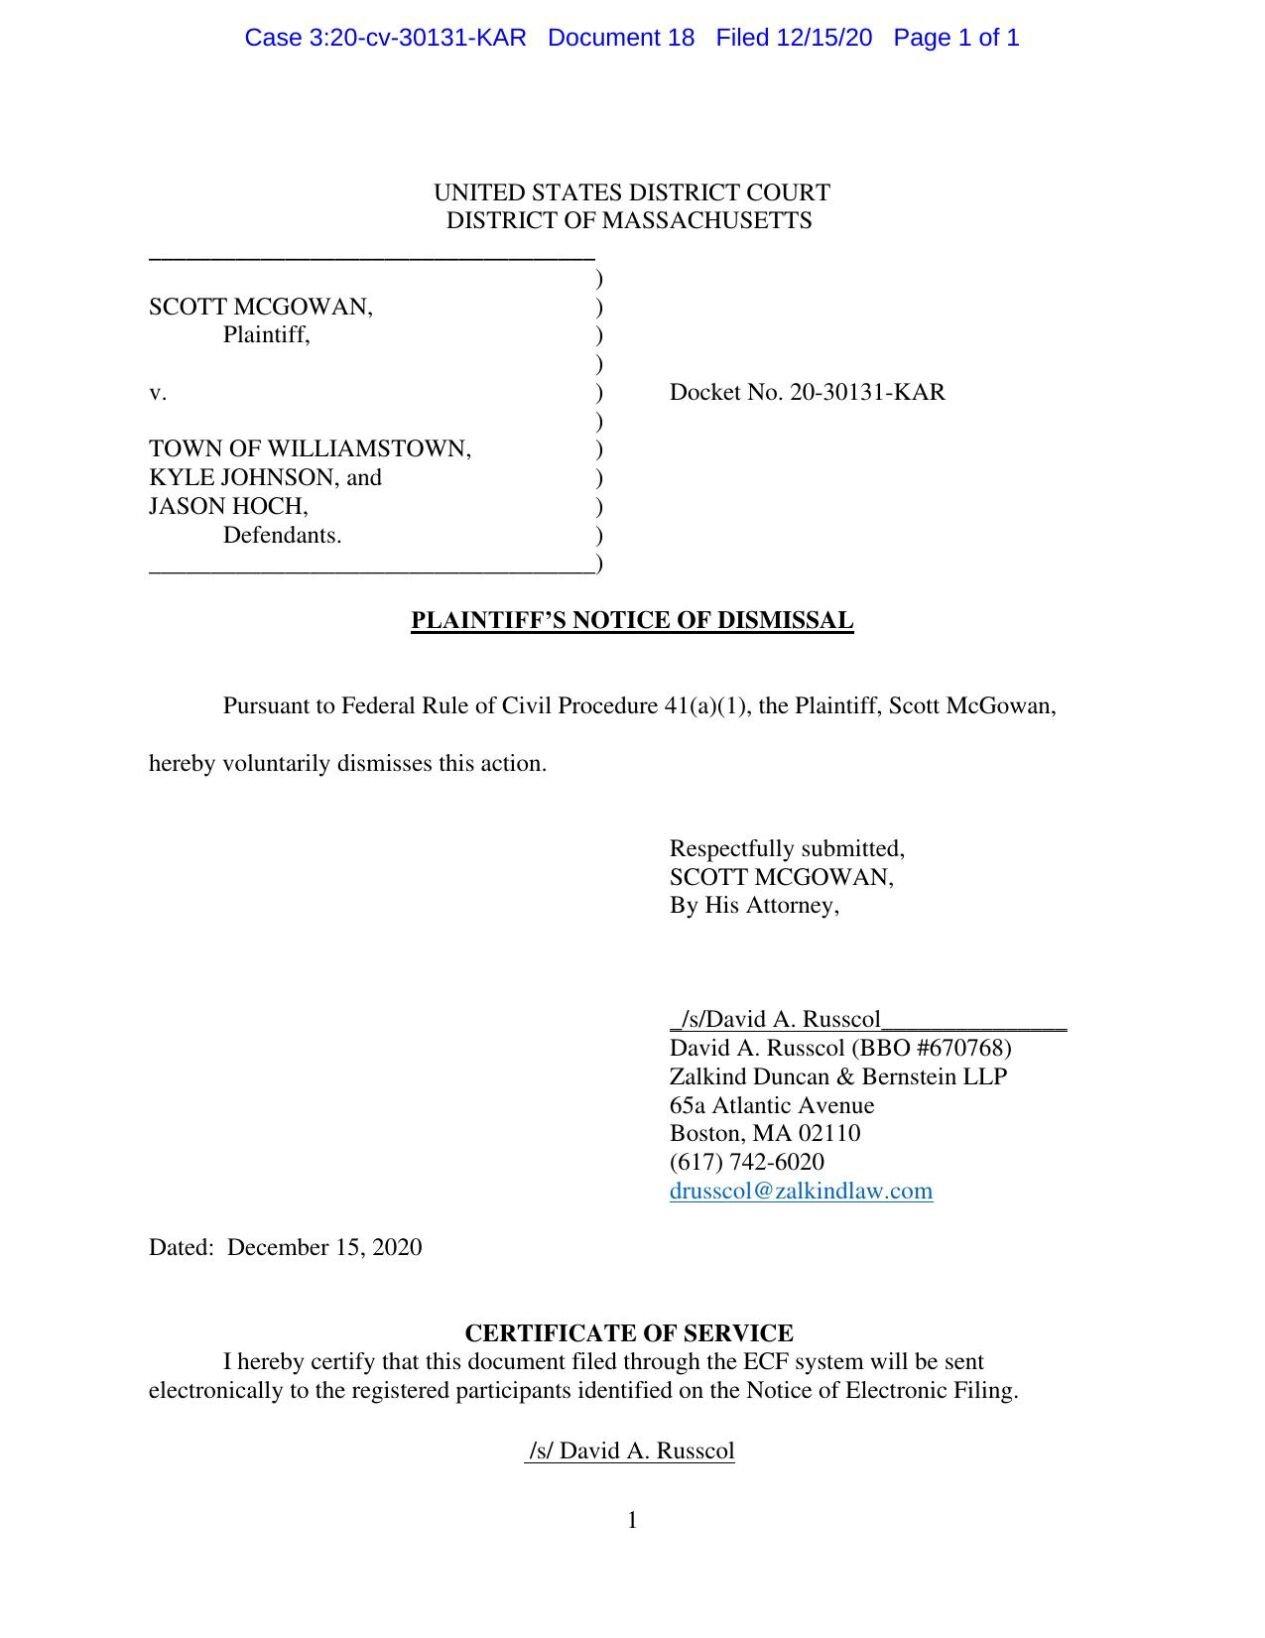 McGowan Notice of Dismissal